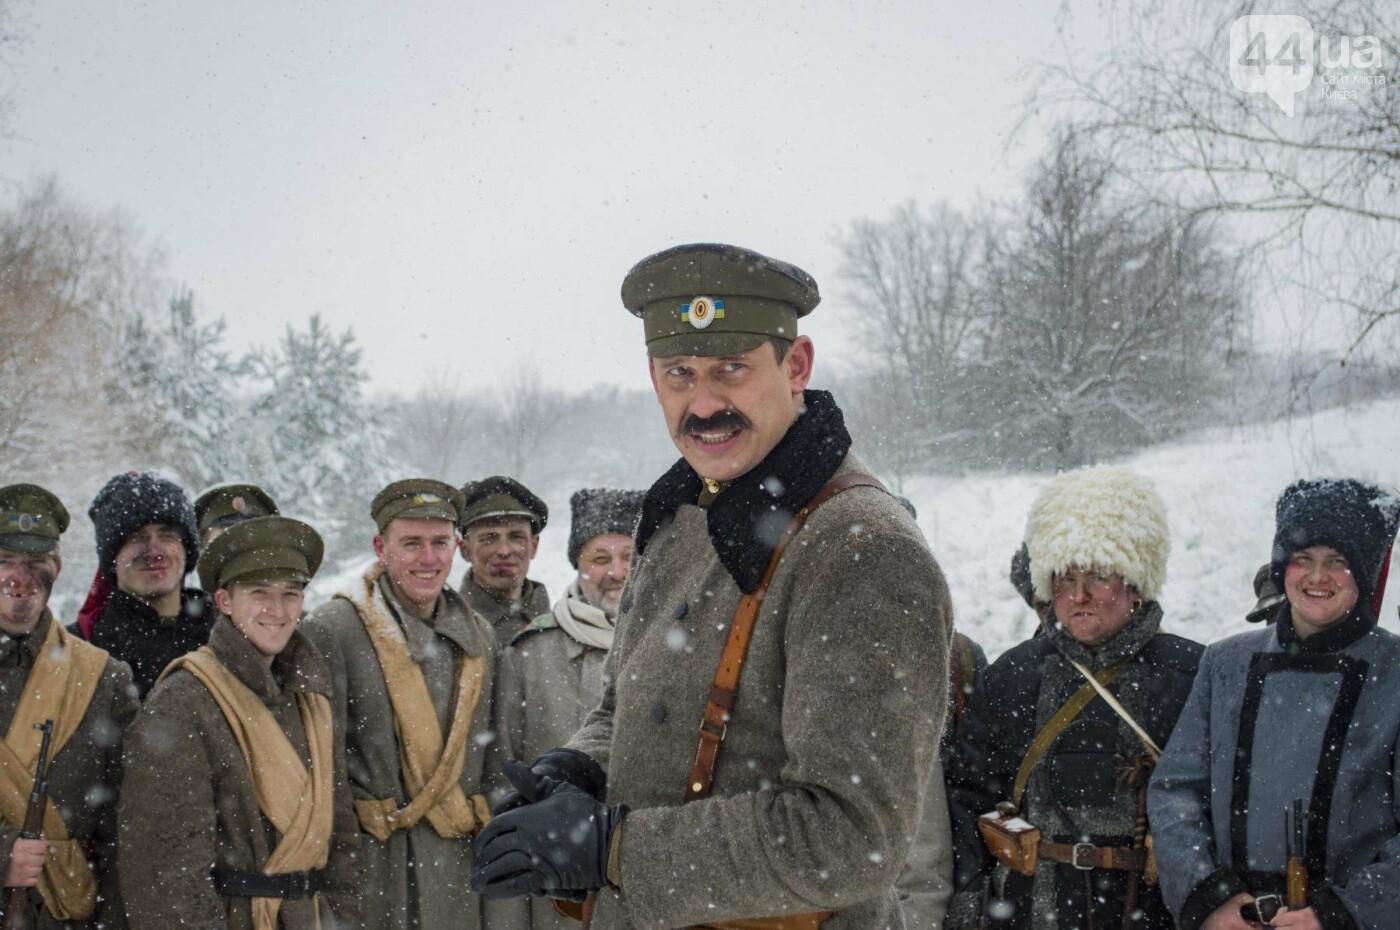 Под Киевом снимают новый украинский фильм, яркие закулисные фото, фото-6